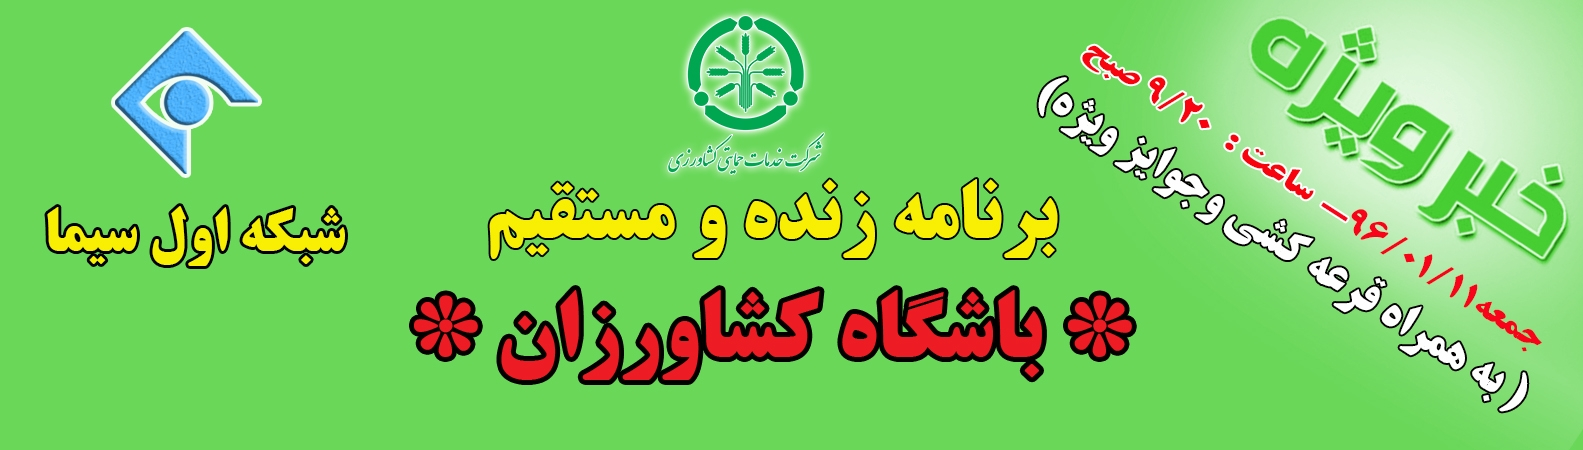 برنامه زنده تلويزيونی باشگاه كشاورزان از شبكه يك سيما